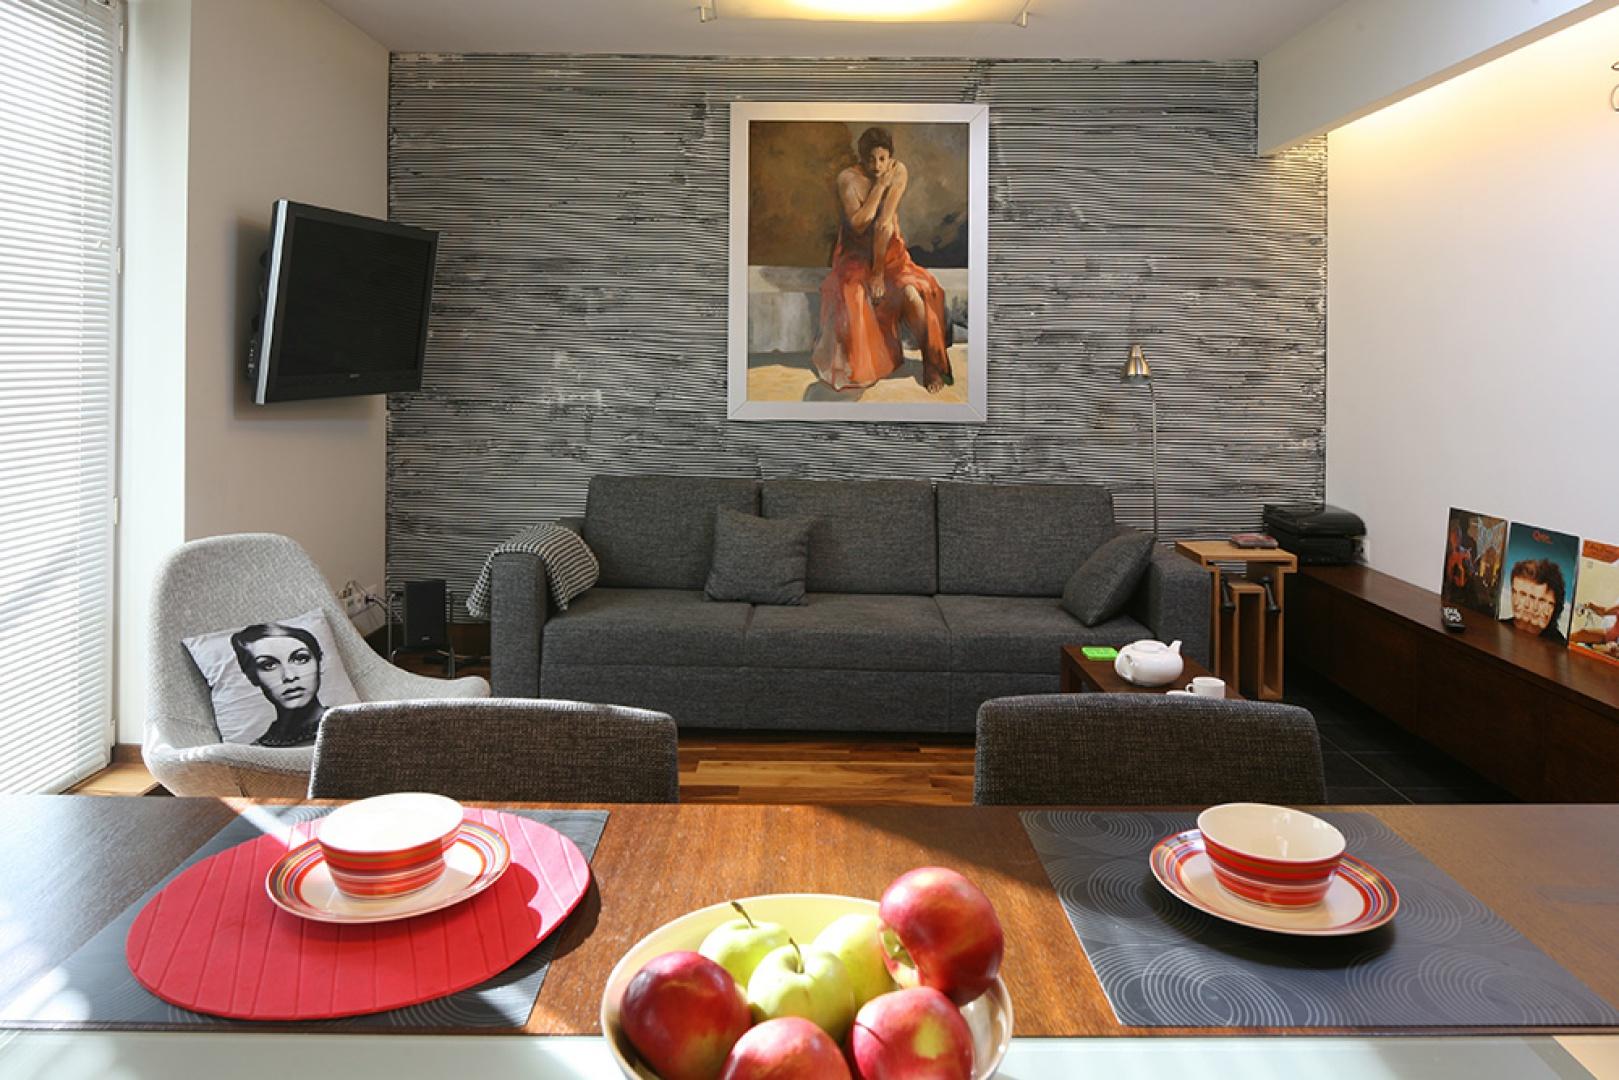 Wykonana w formie fakturowego tynku ściana eksponuje zawieszony na niej obraz autorstwa Jana Szczepkowskiego z prywatnej kolekcji właściciela  – miłośnika piękna i dobrego designu. Fot. Bartosz Jarosz.